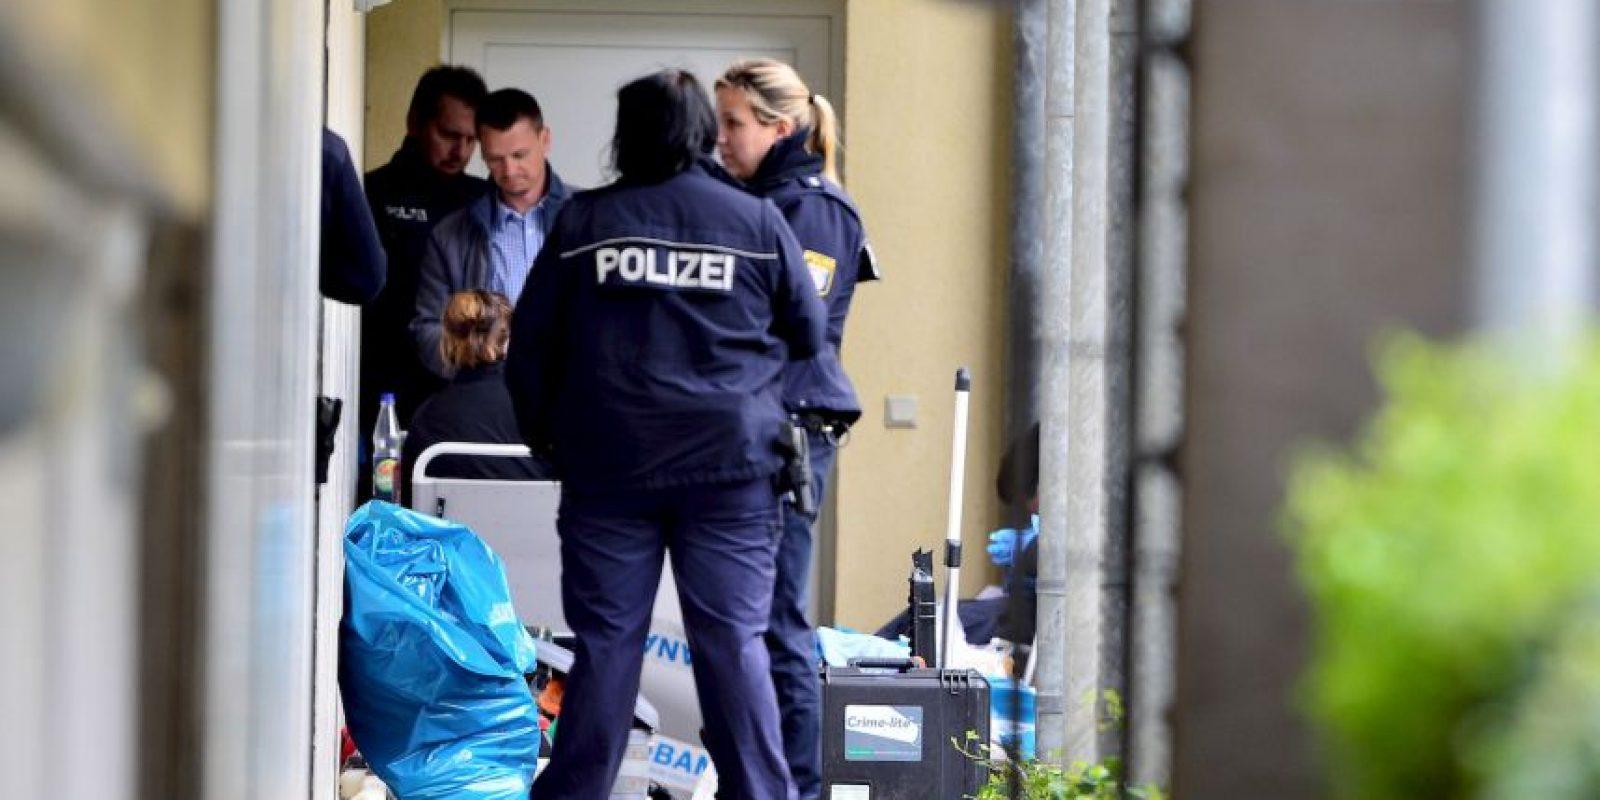 La Policía registró la casa de la pareja y recuperaron una bomba llena de clavos, partes de armas y municiones Foto:Getty Images